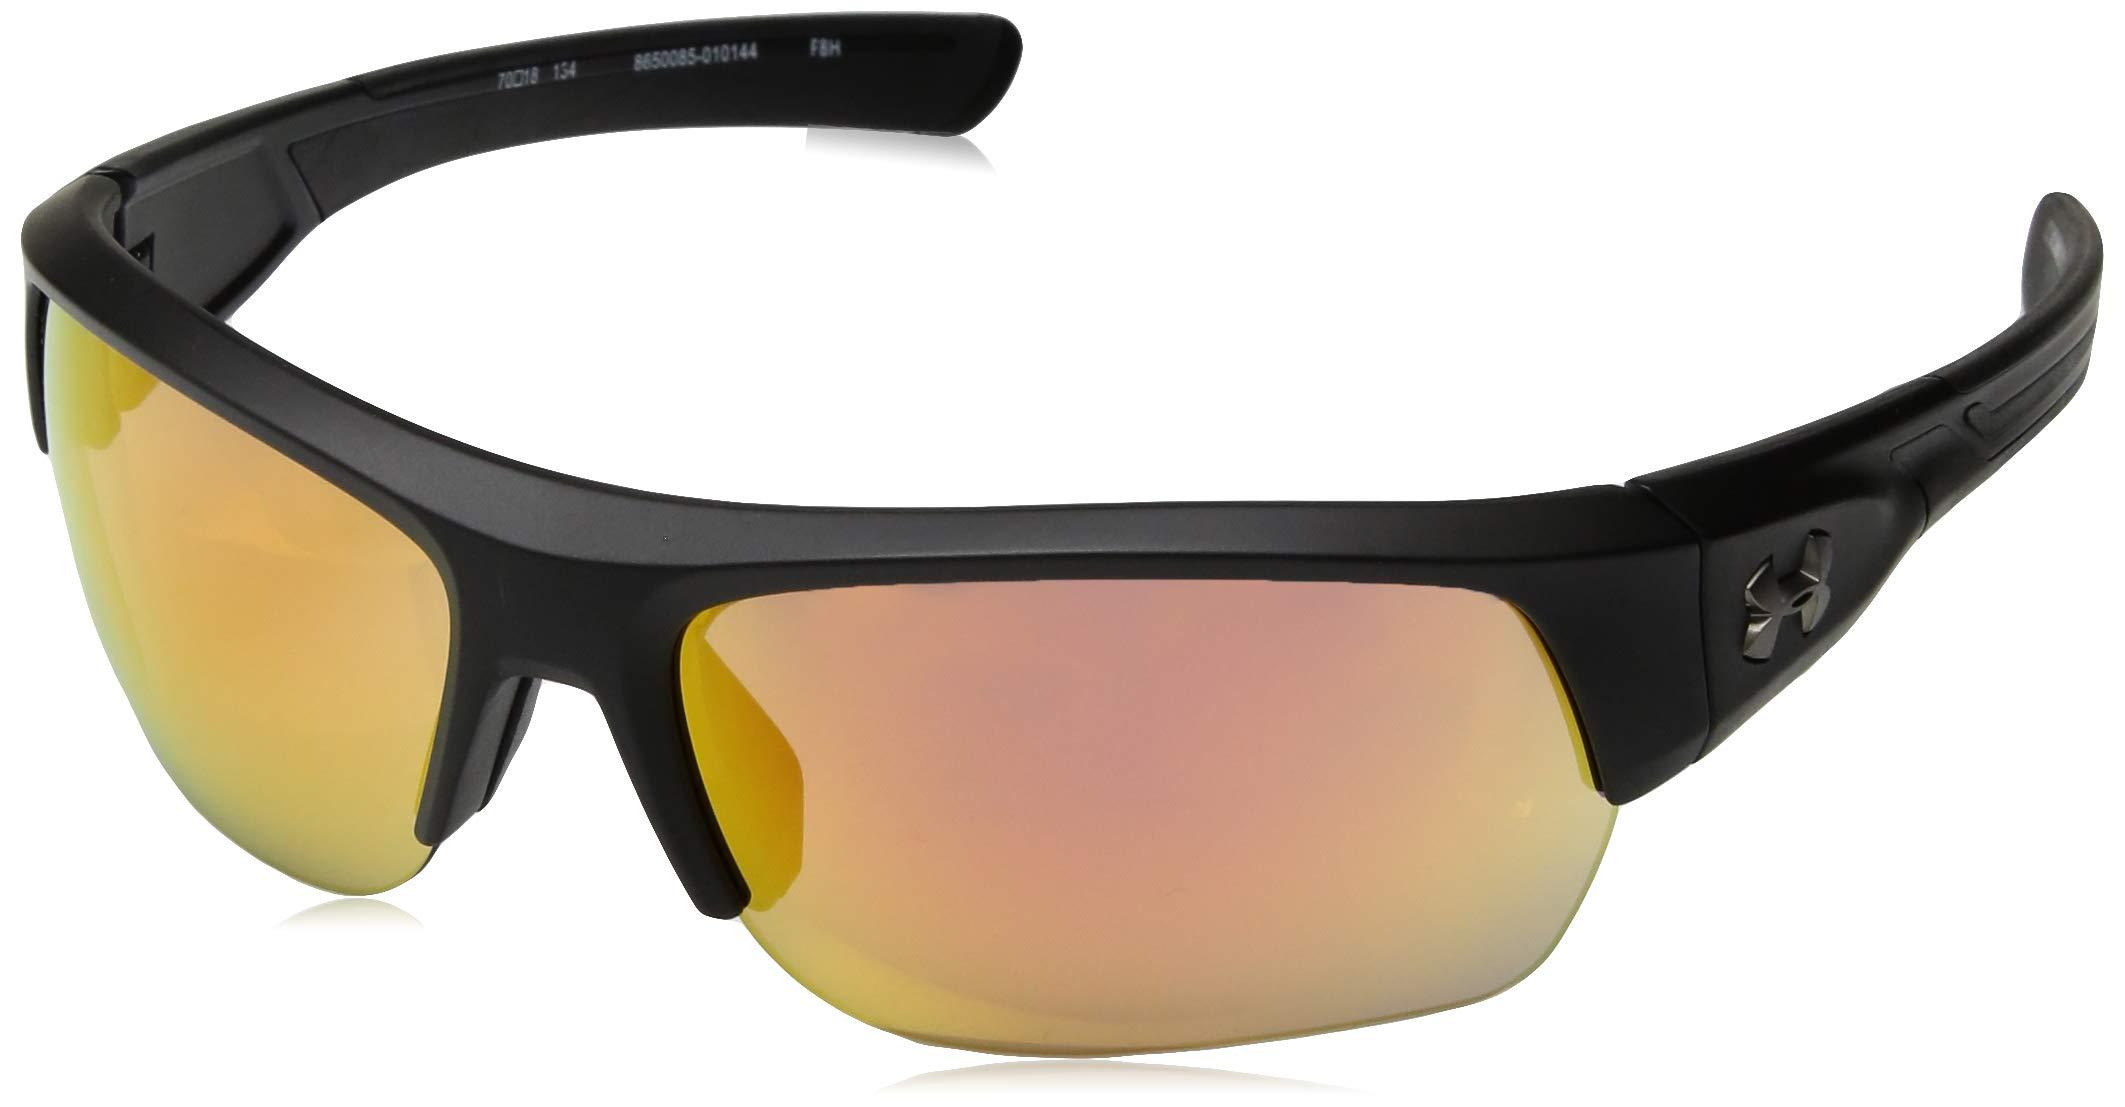 Under Armour Ua Big Shot Wrap Sunglasses, Black, 70 mm